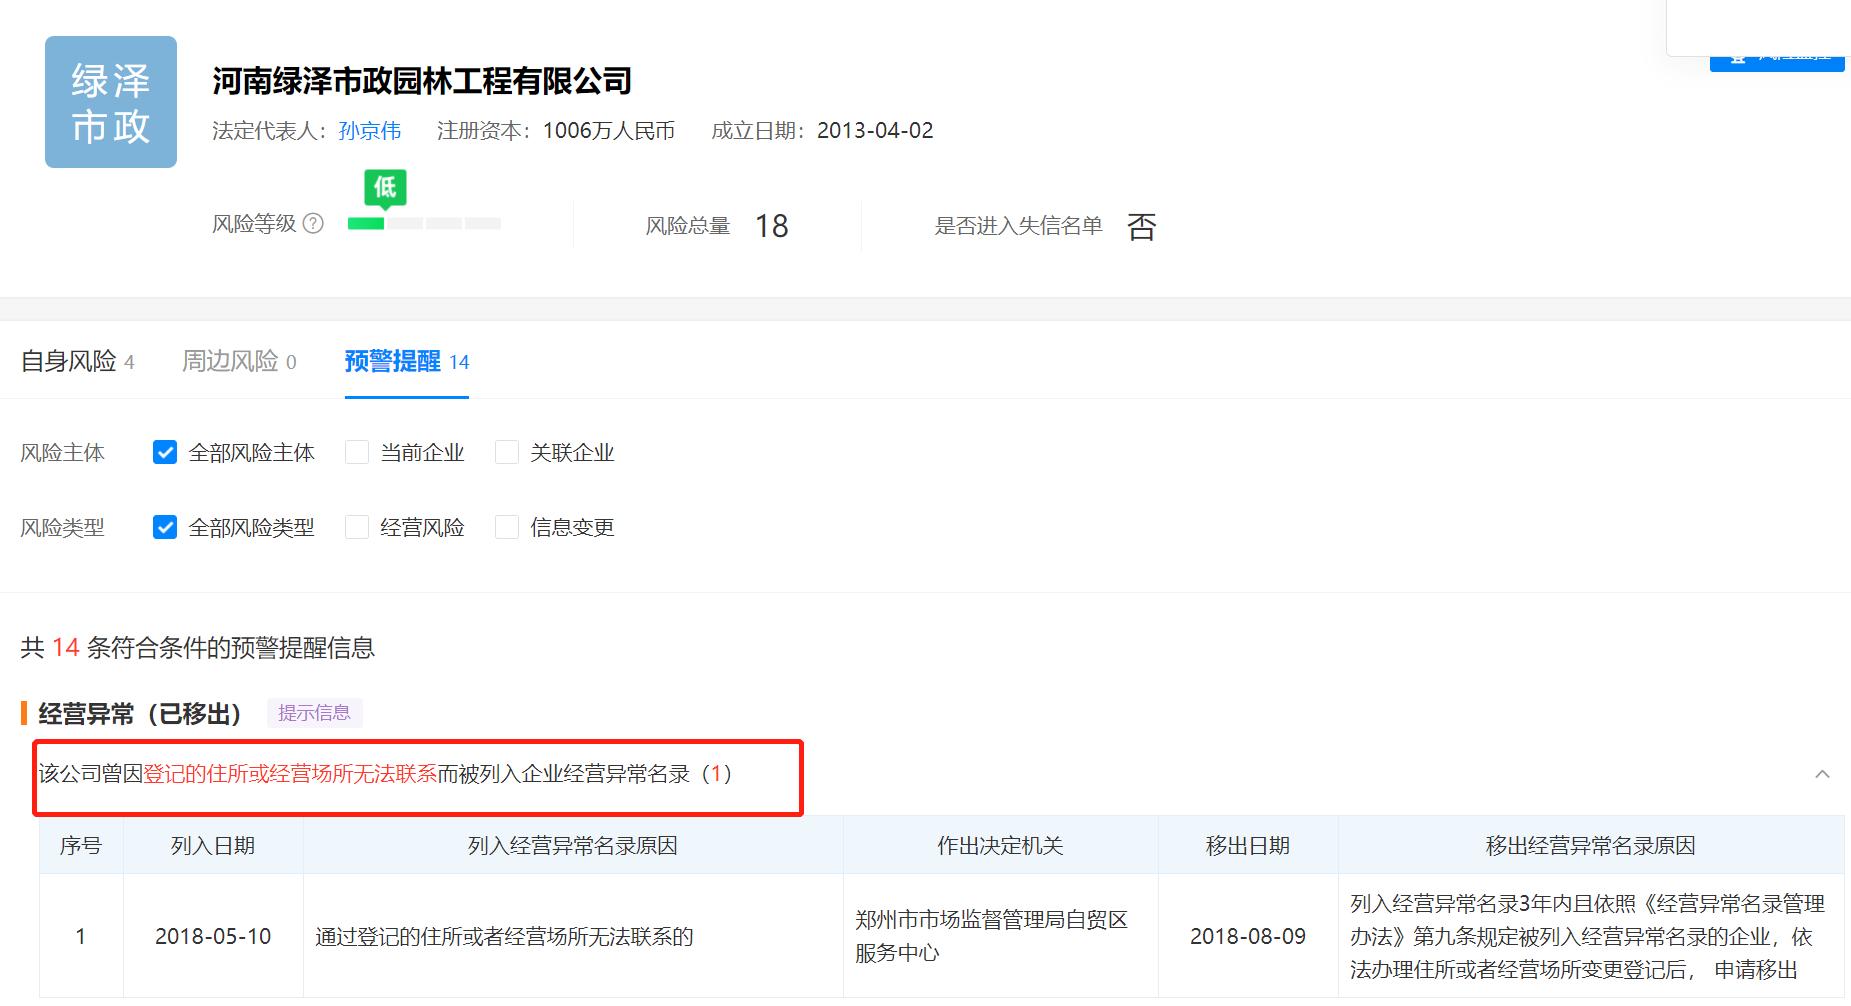 """""""郑州5000万元的绿化工程质量遭质疑""""续:中标单位曾被列入企业经营异常名录"""